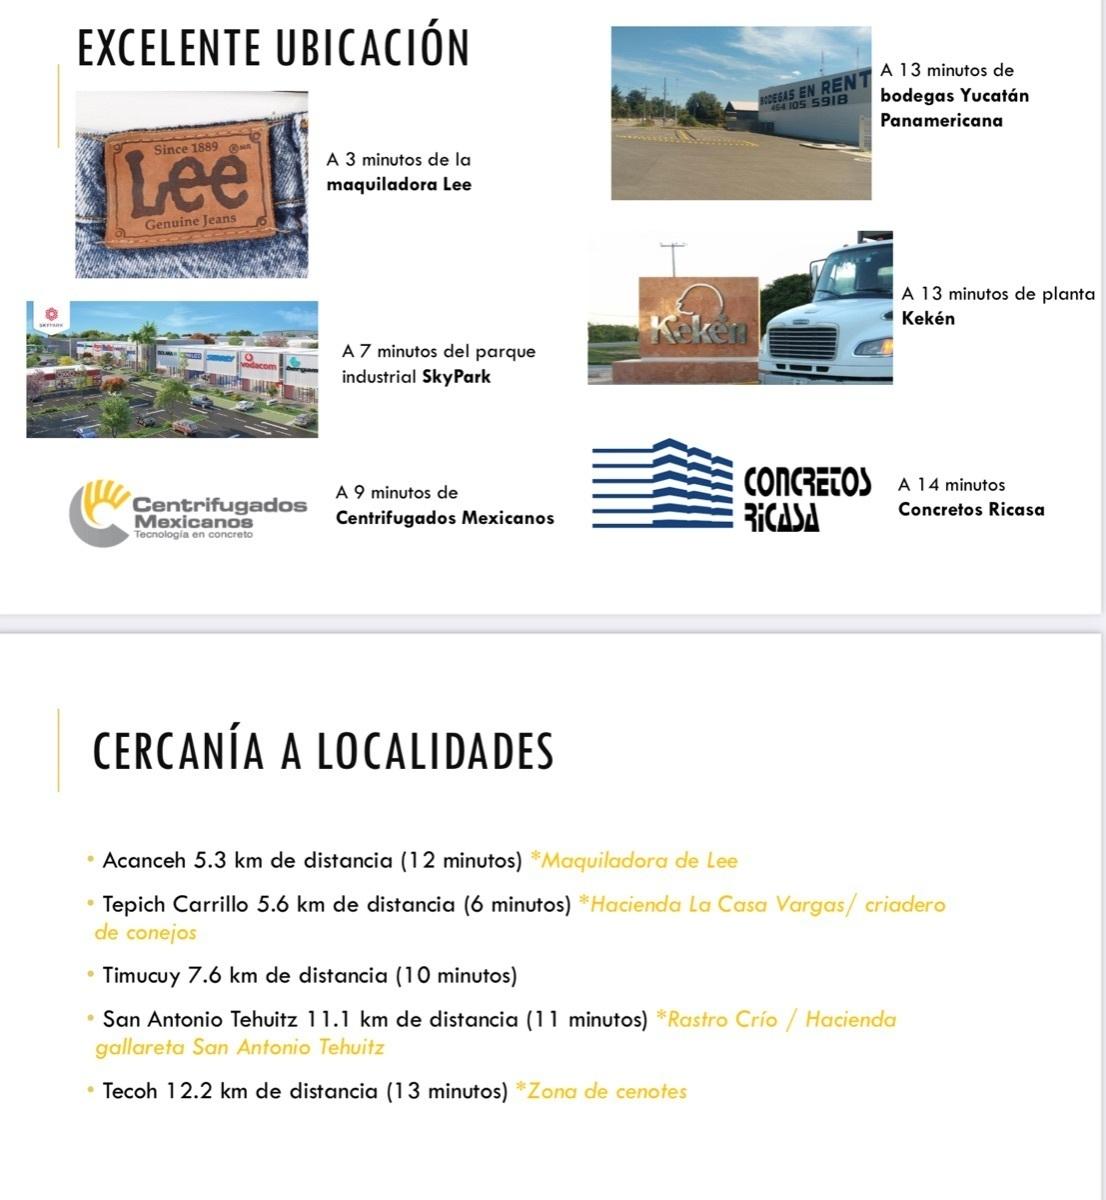 6 de 6: Terreno industrial en venta en Yucatan, Chichen Realty